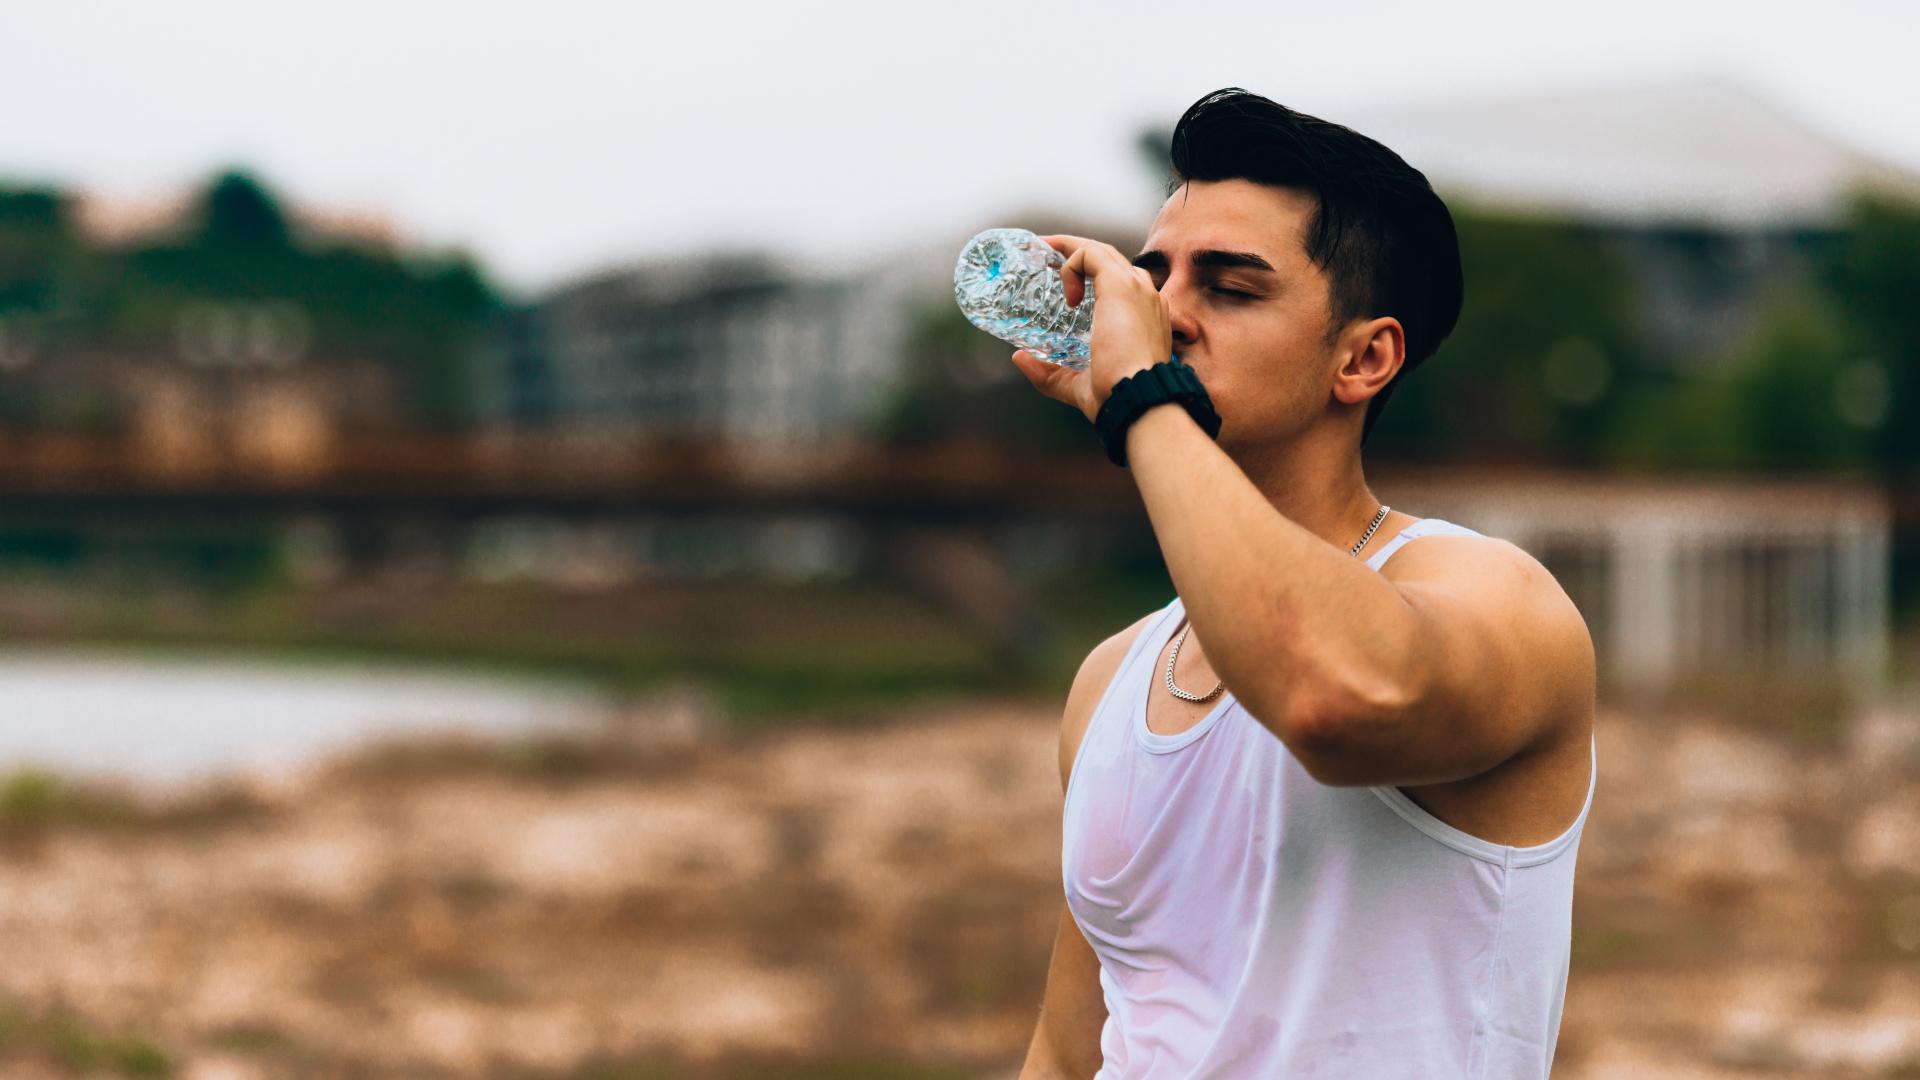 Água ou Isotônico - Quais as diferenças